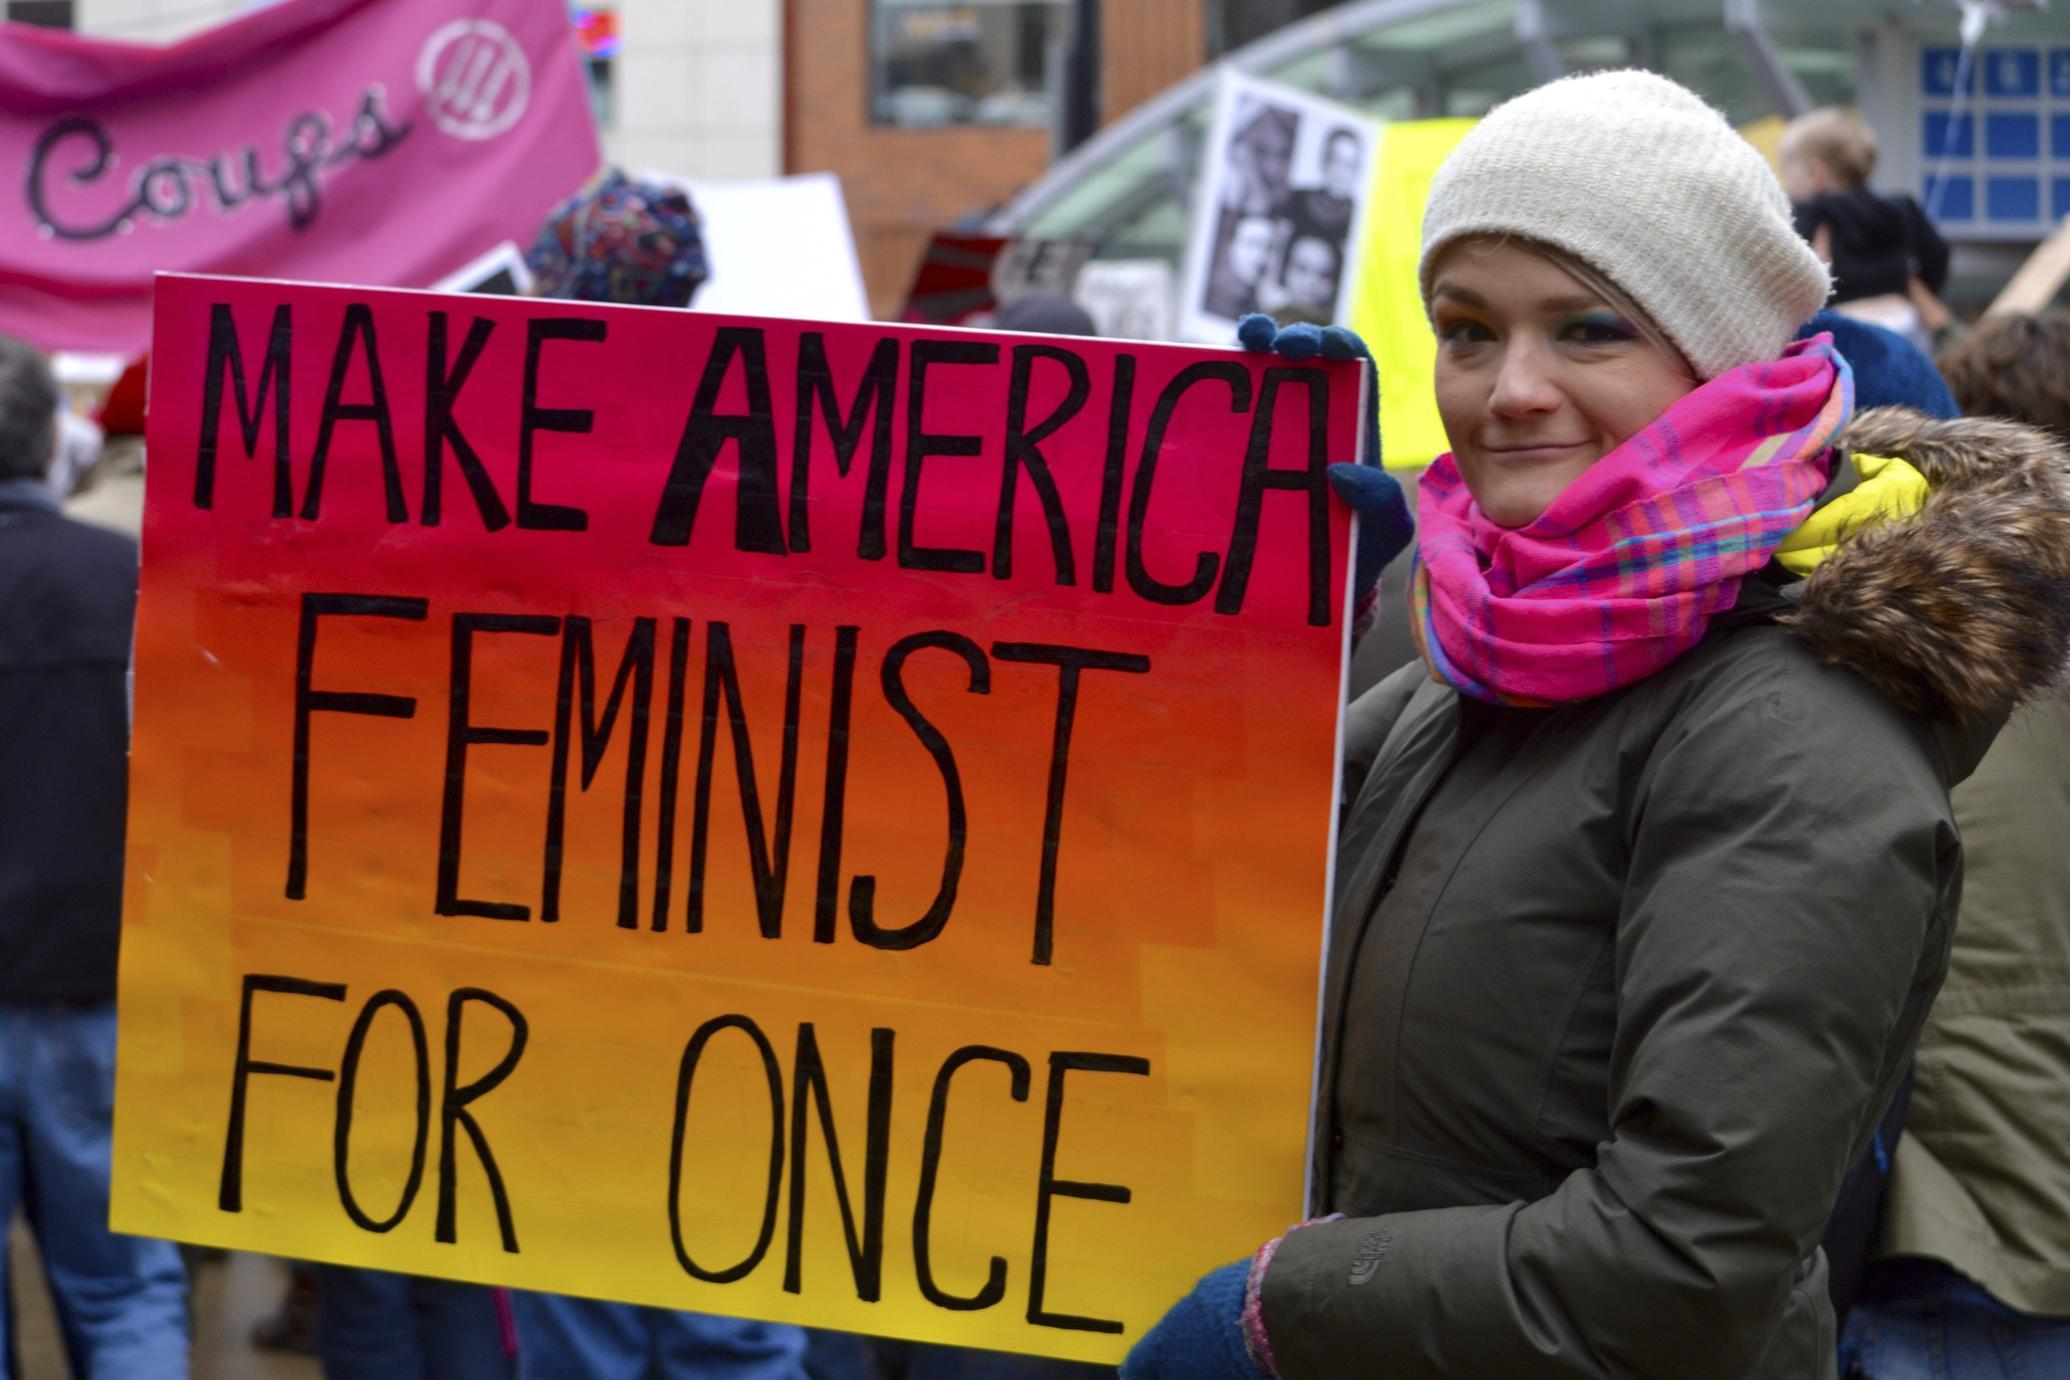 Make America Feminist For Once